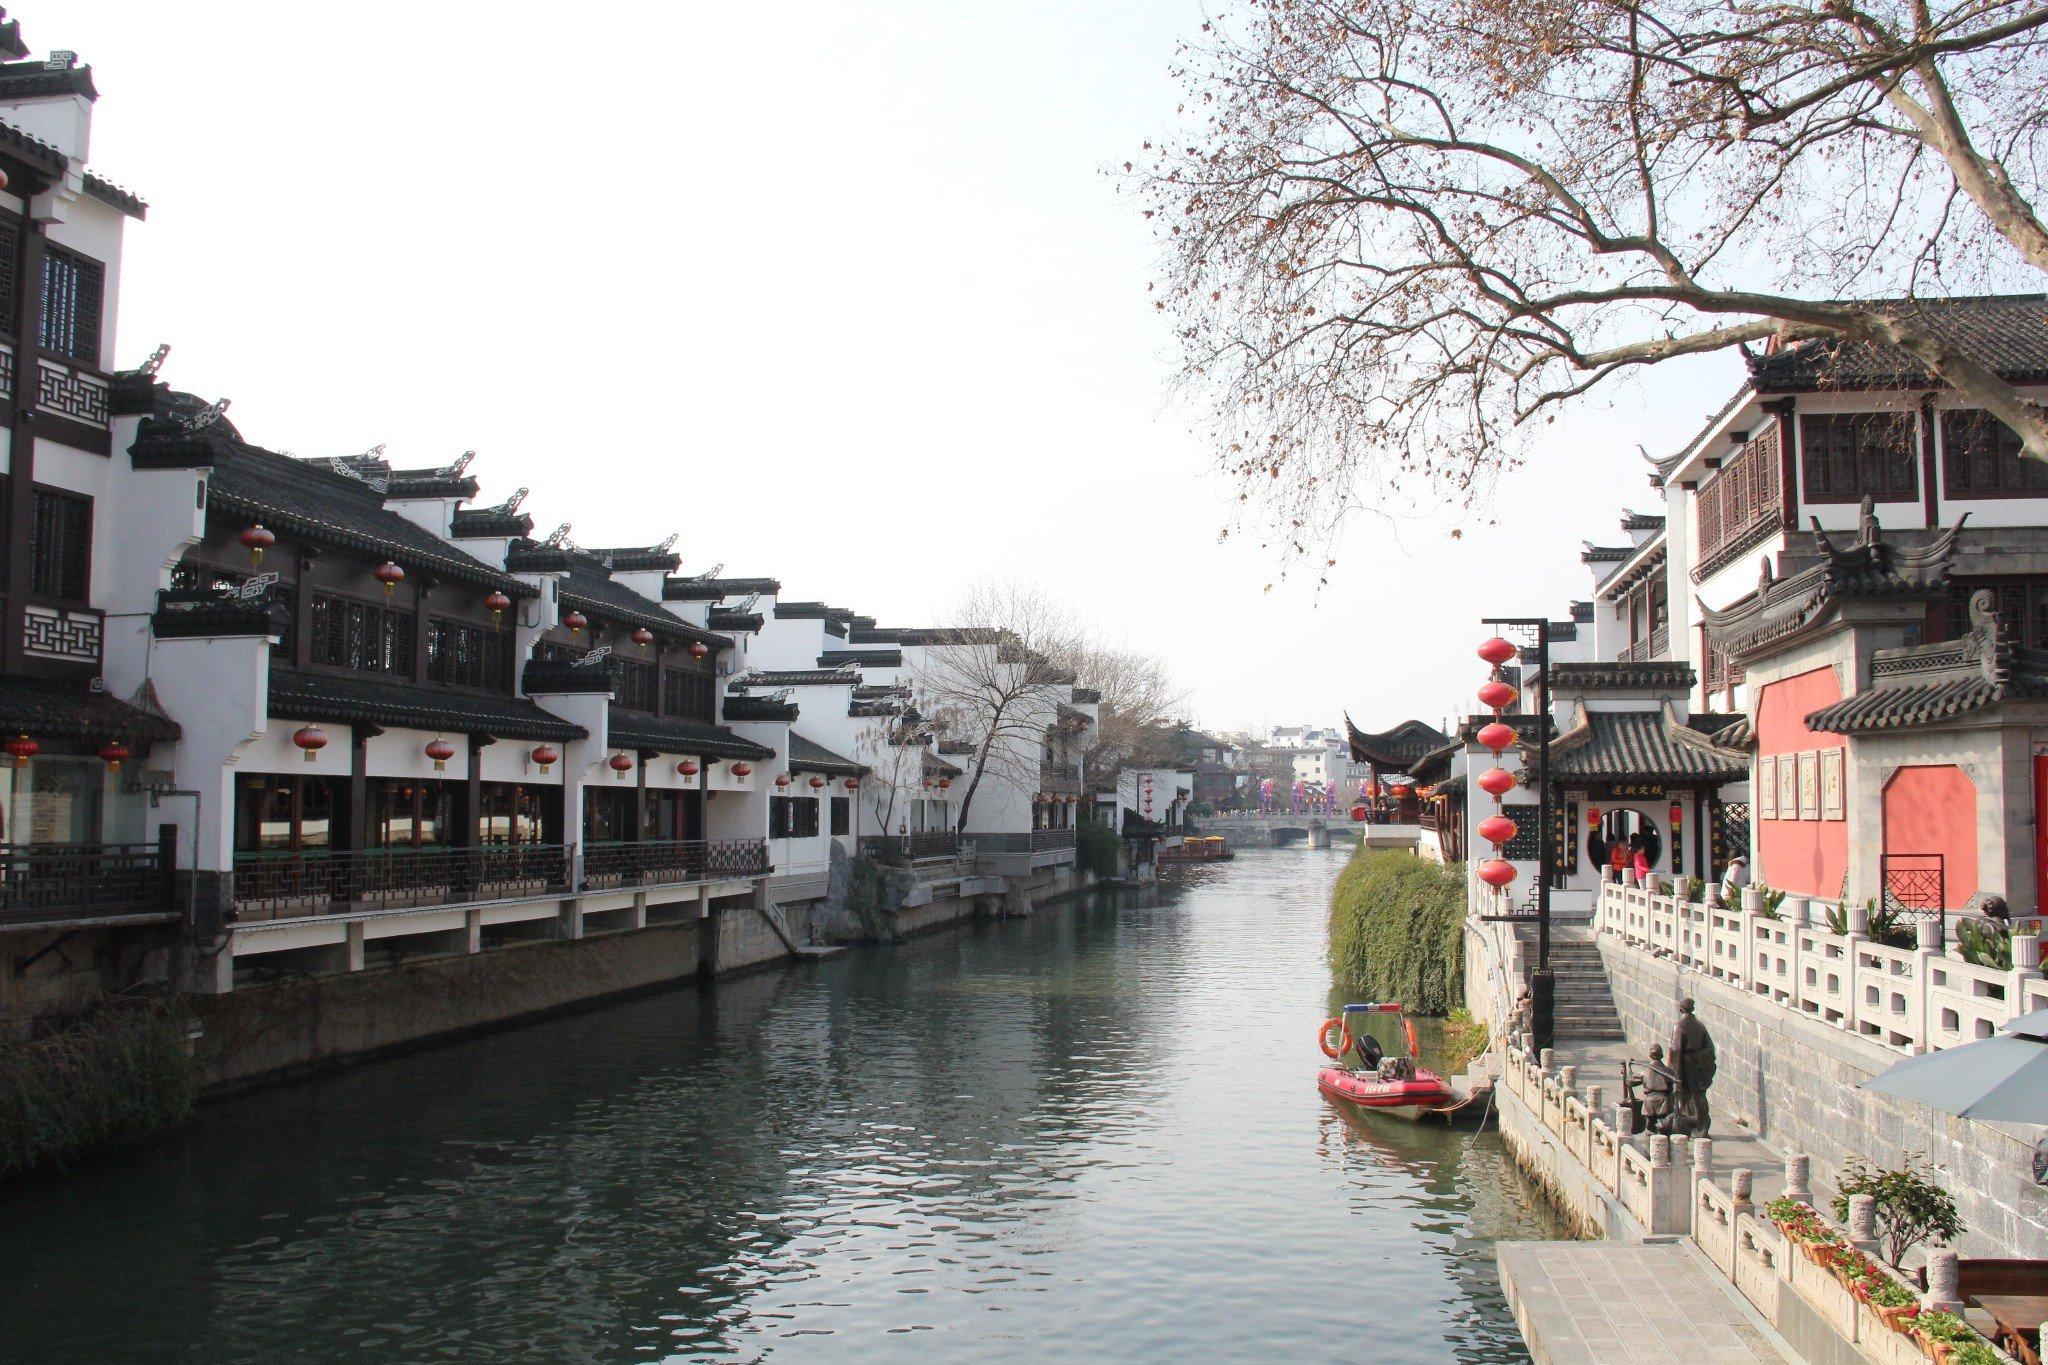 原来你是这样的南京——春节,4天3夜,在南京,逛吃逛吃